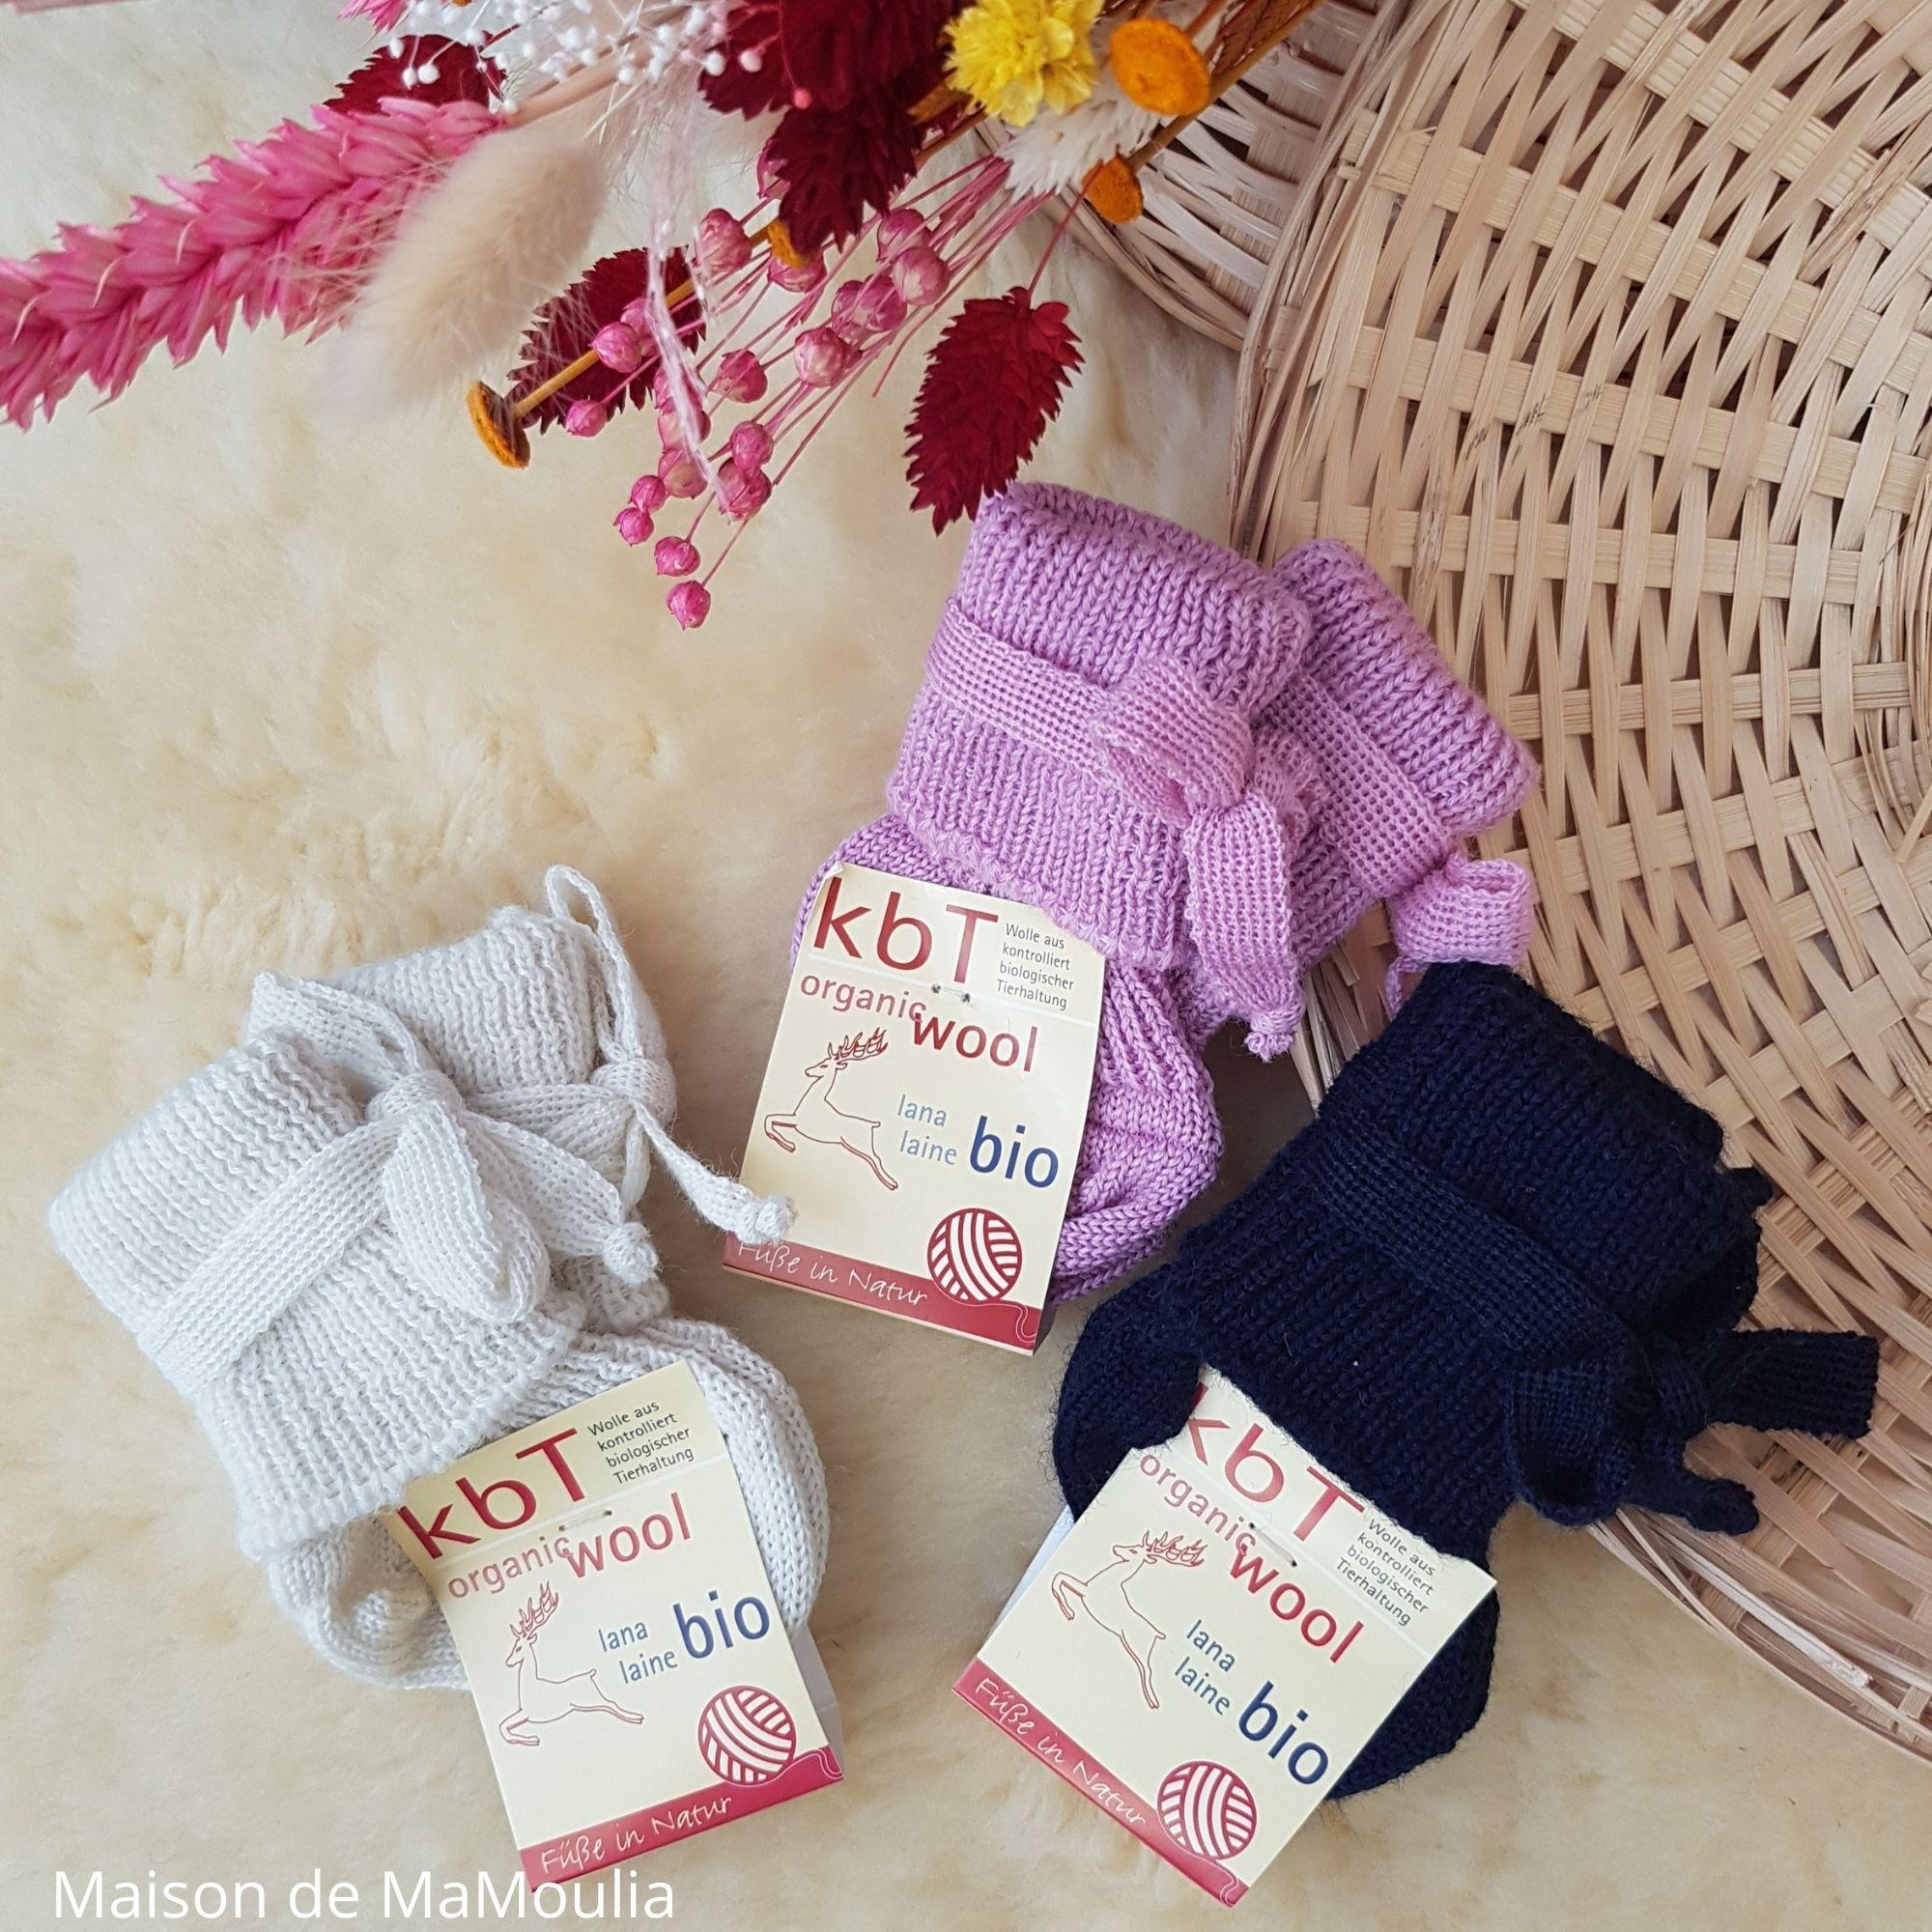 HIRSCH NATUR - Chaussettes tricotées - 100% laine - nourrisson